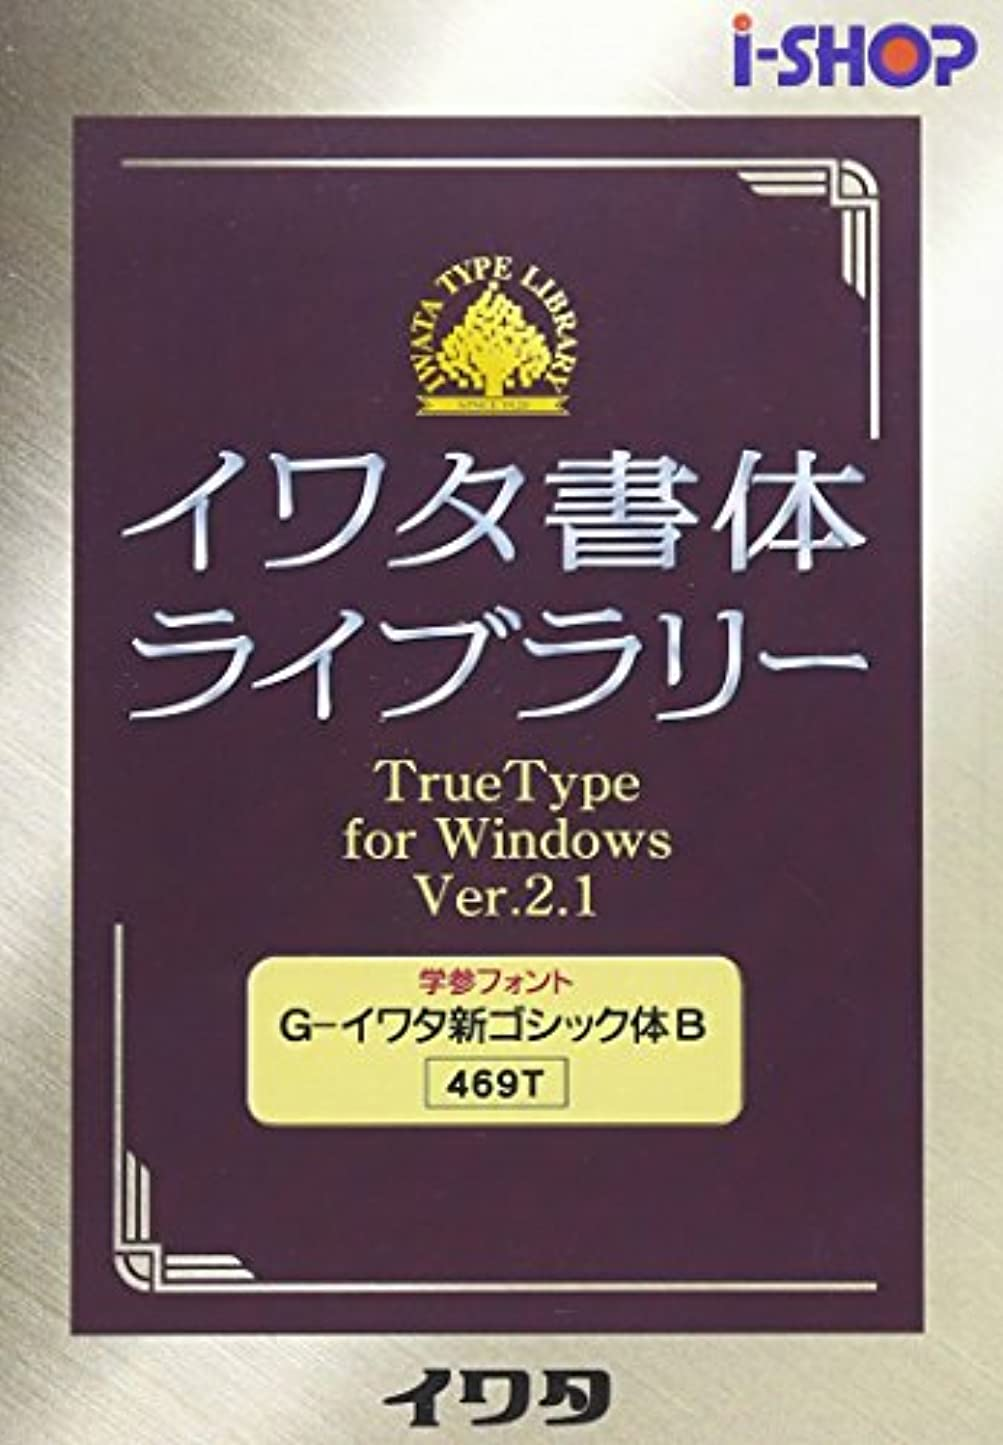 製油所探すプラカードイワタ書体ライブラリー Ver.2 Windows版 TrueType G-イワタ新ゴシック体B